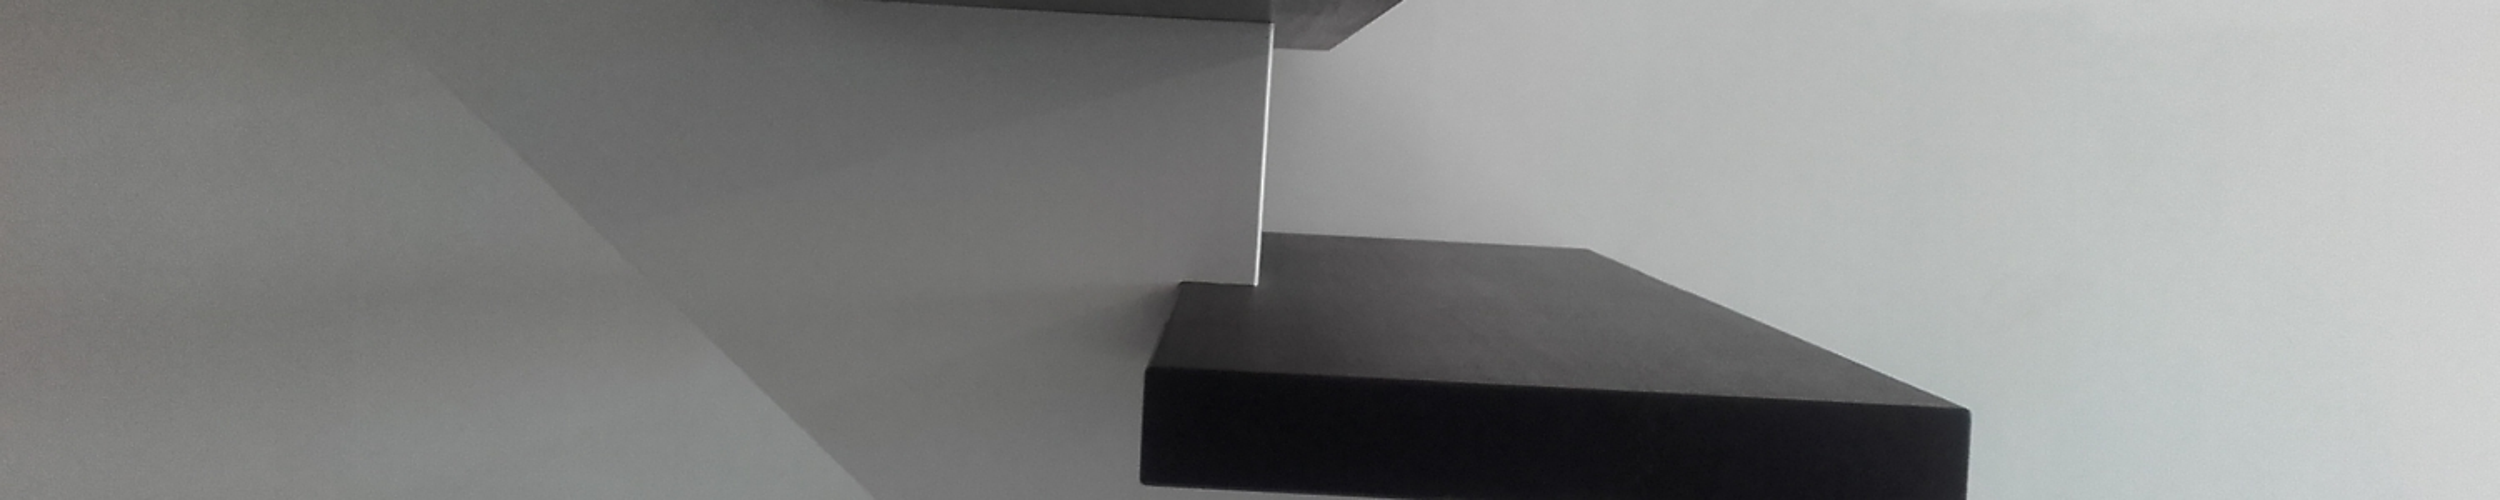 Kwaliteitsvolle trappen in elke stijl en voor elk budget!